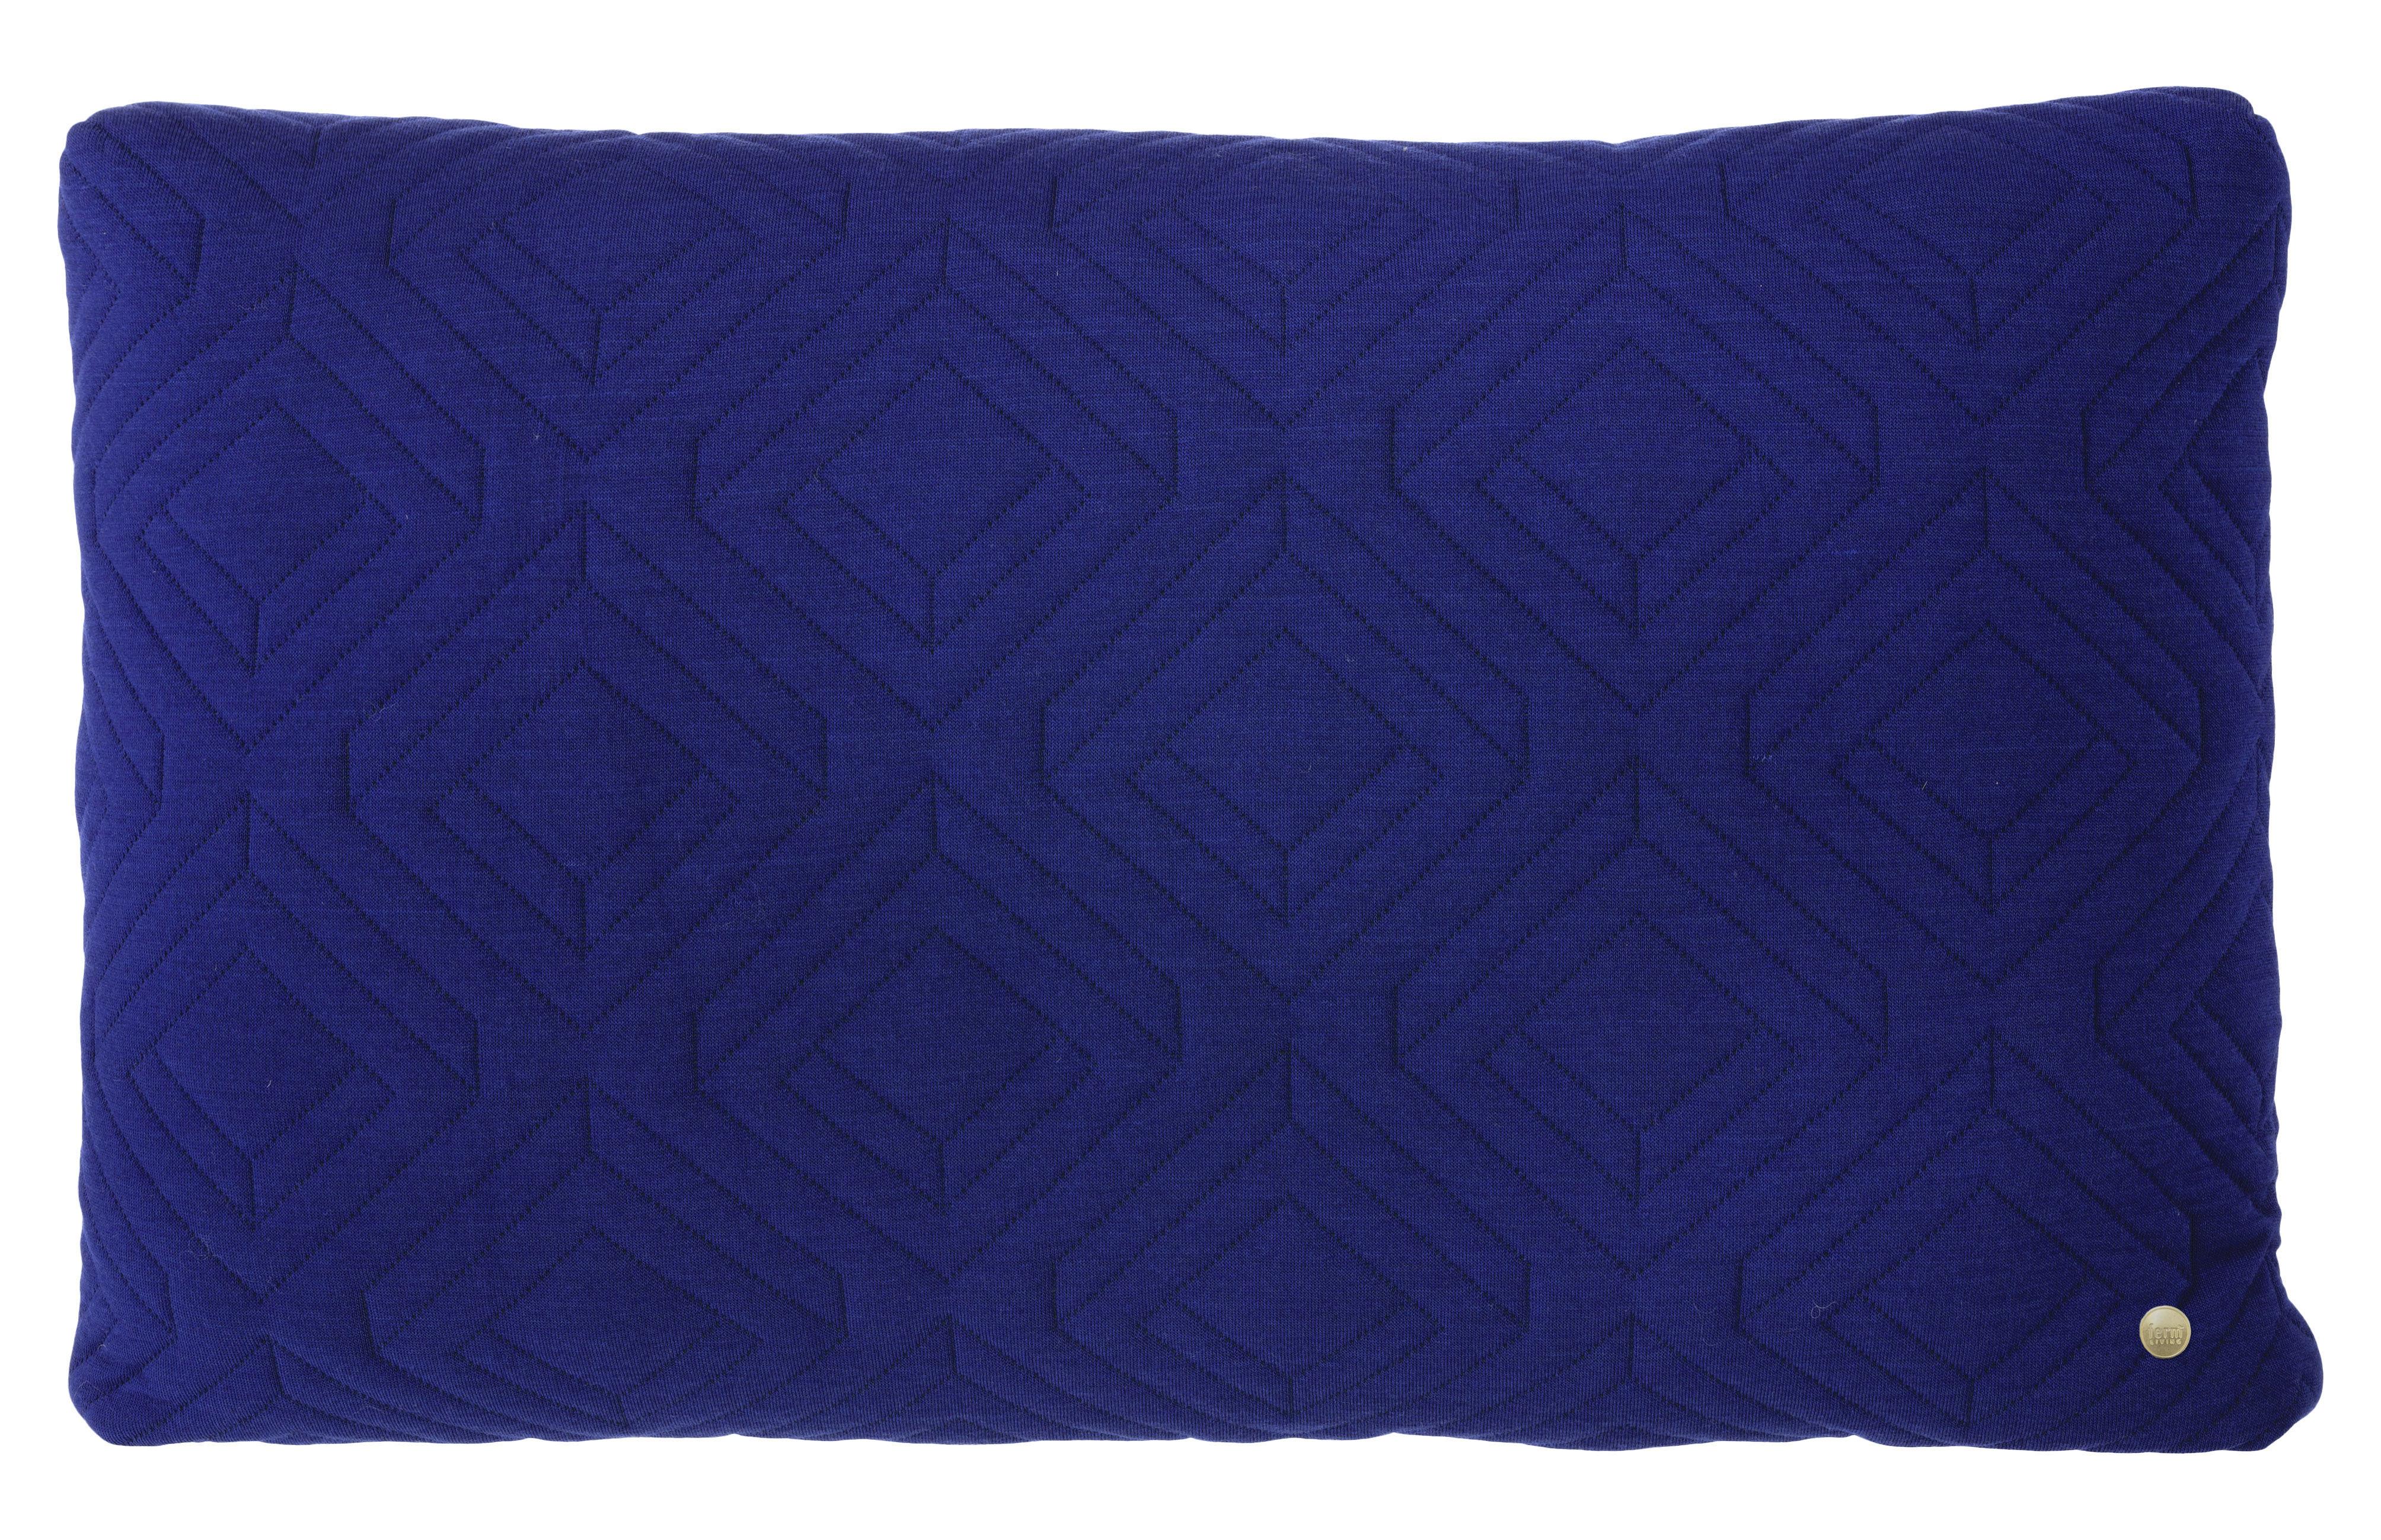 coussin quilt 60 x 40 cm bleu nuit ferm living. Black Bedroom Furniture Sets. Home Design Ideas